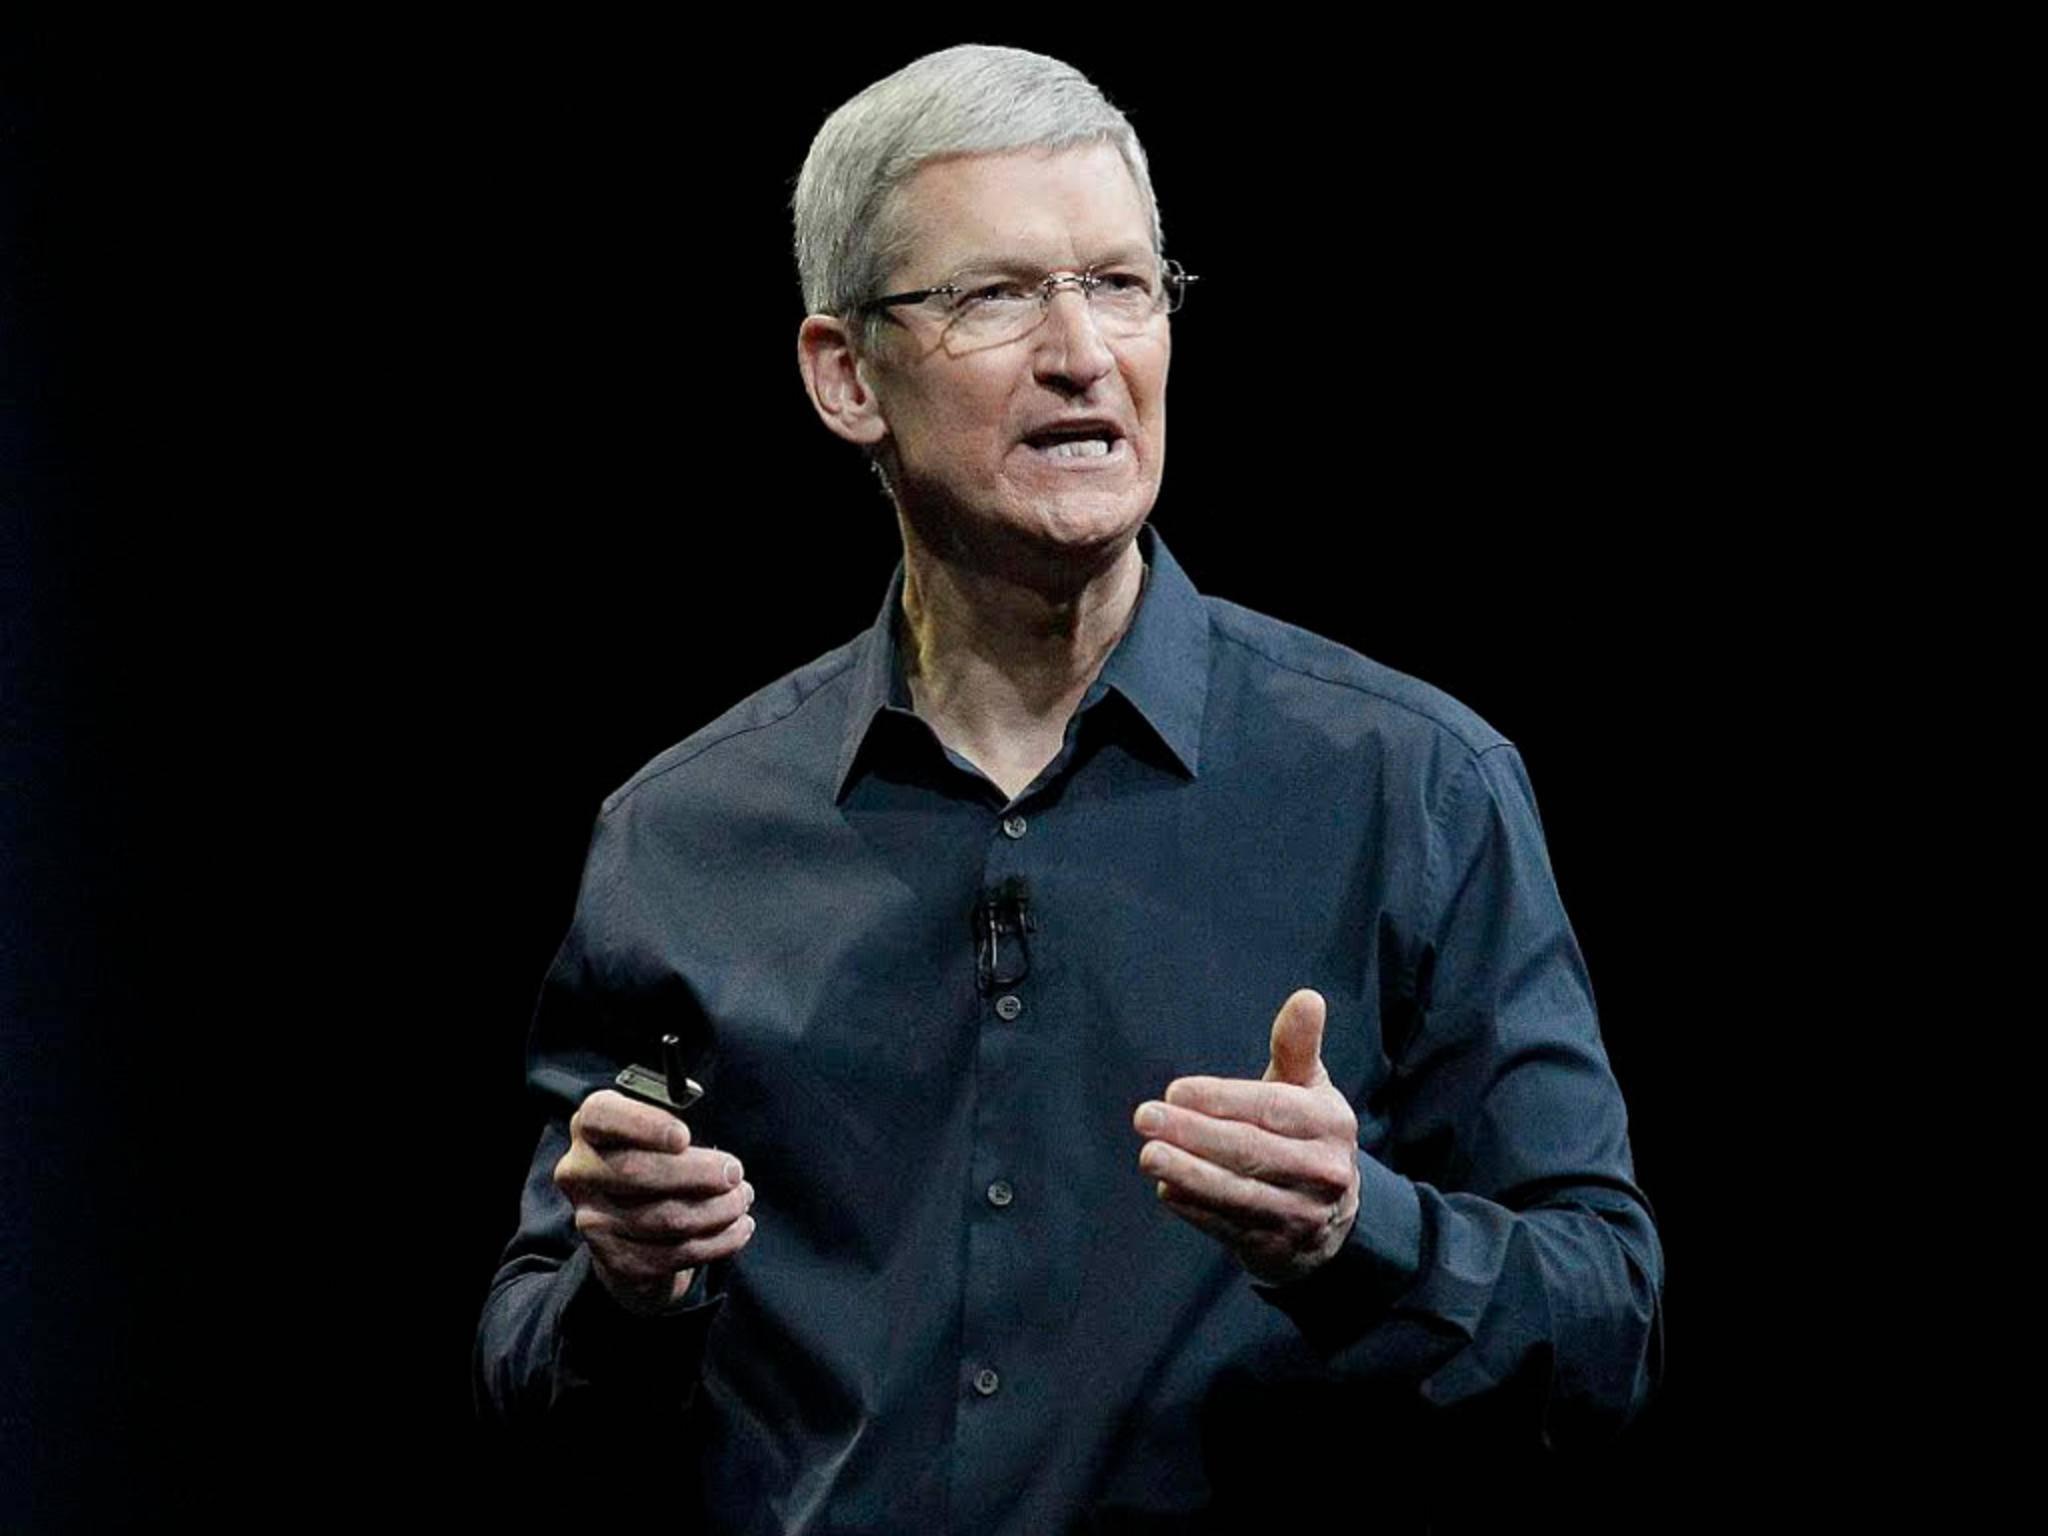 Jetzt auch im chinesischen Social Media unterwegs: Apple-Chef Tim Cook.